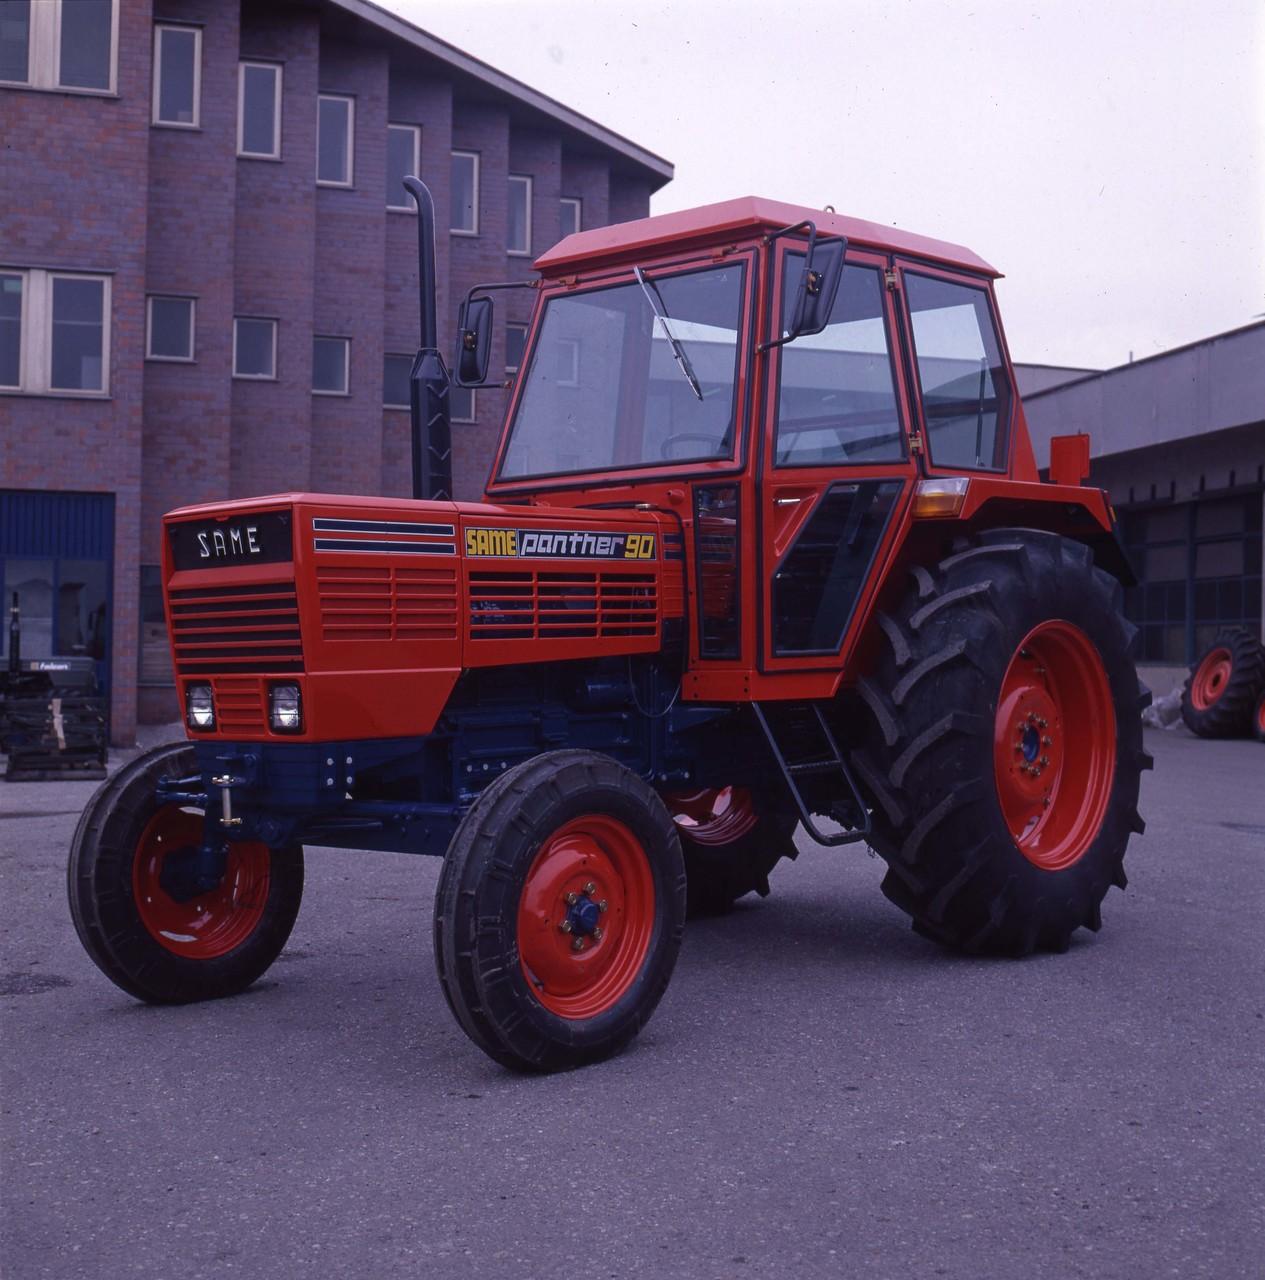 [SAME] trattore Panther 90 2RM presso lo stabilimento di Treviglio